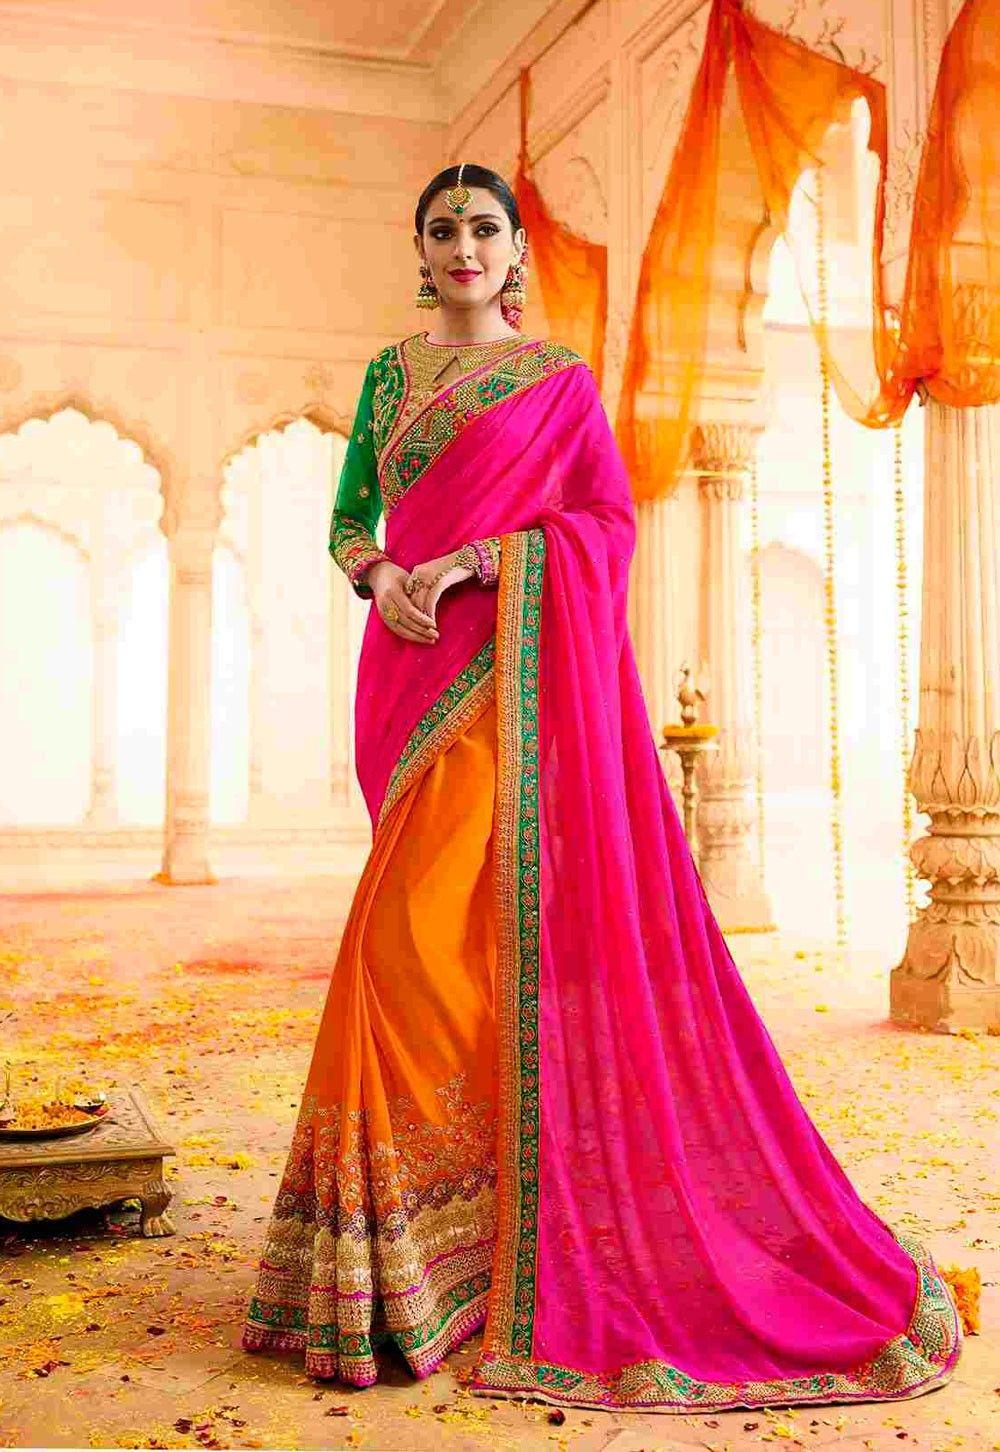 dff73e9e96796 gujarati saree store online PURE CHIFFON WEDDING WEAR INDIAN HEAVY  EMBROIDERED DESIGNER WORK SARE